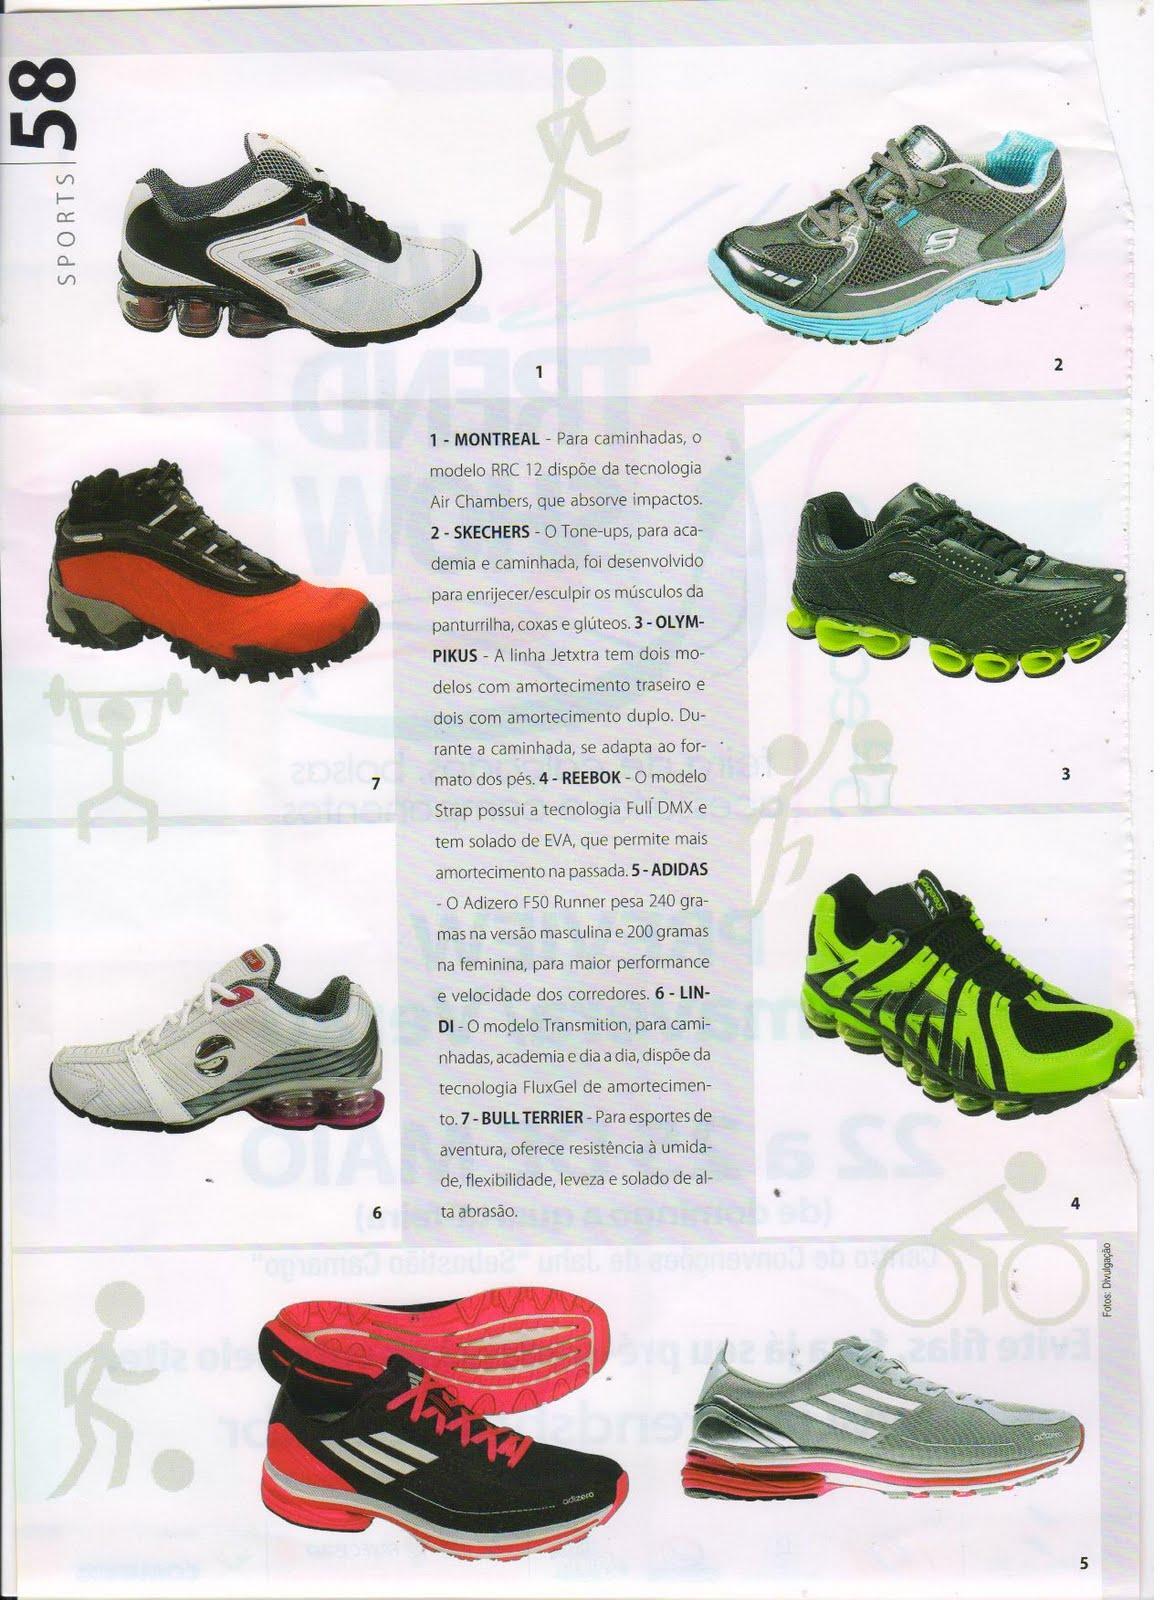 70c1f9683f3 Foi publicado sobre o Tênis Montreal